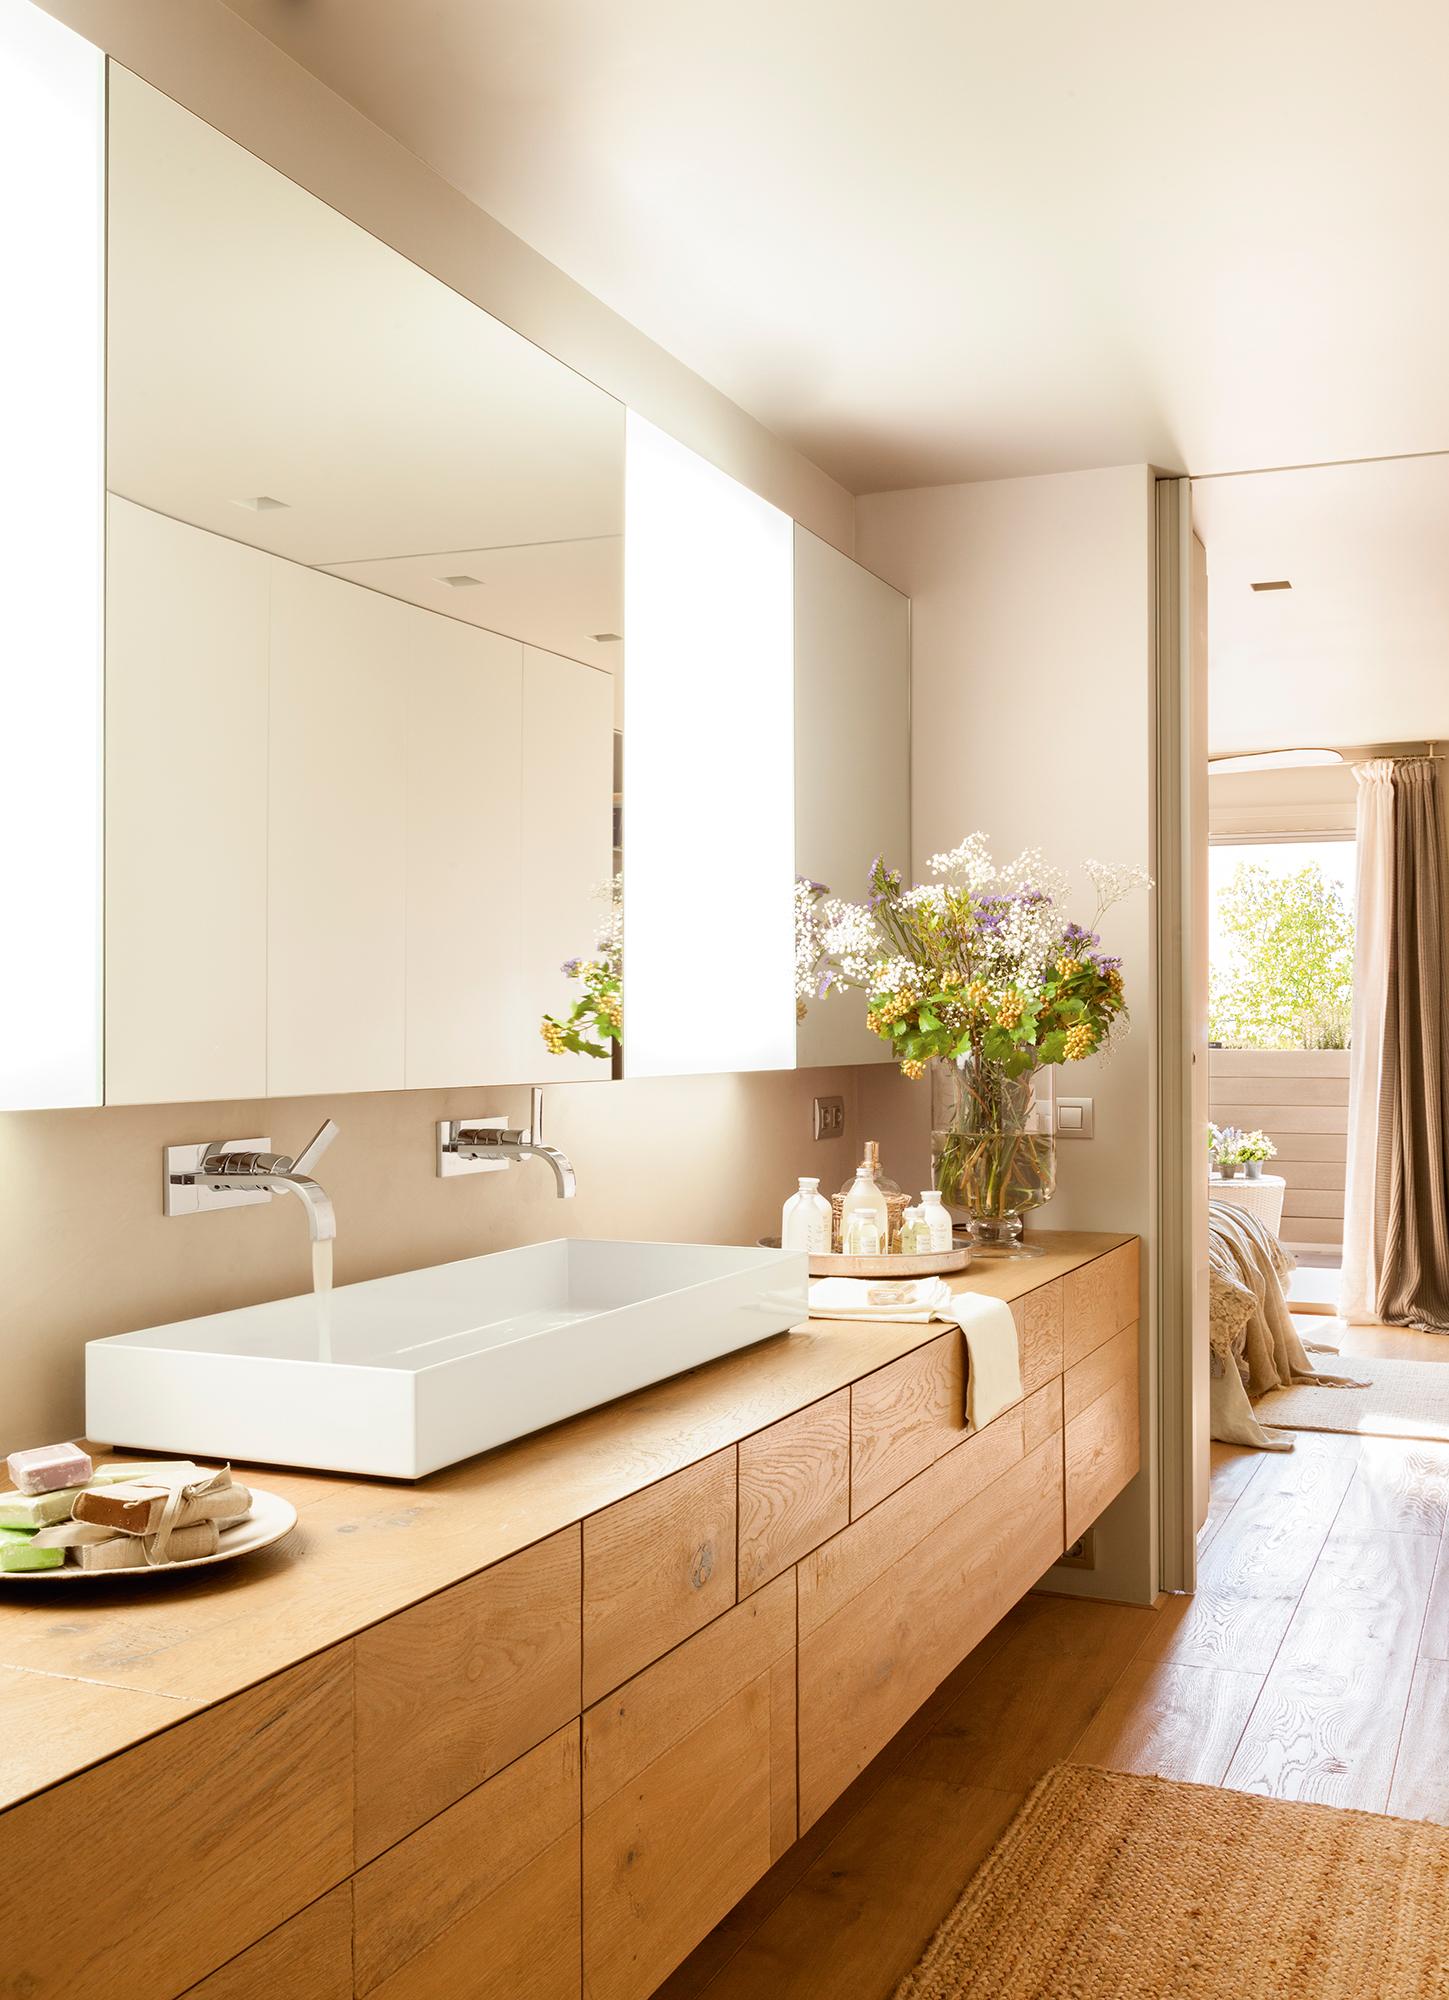 Sanitarios claves para elegir el lavamanos y el inodoro - El mueble banos pequenos ...